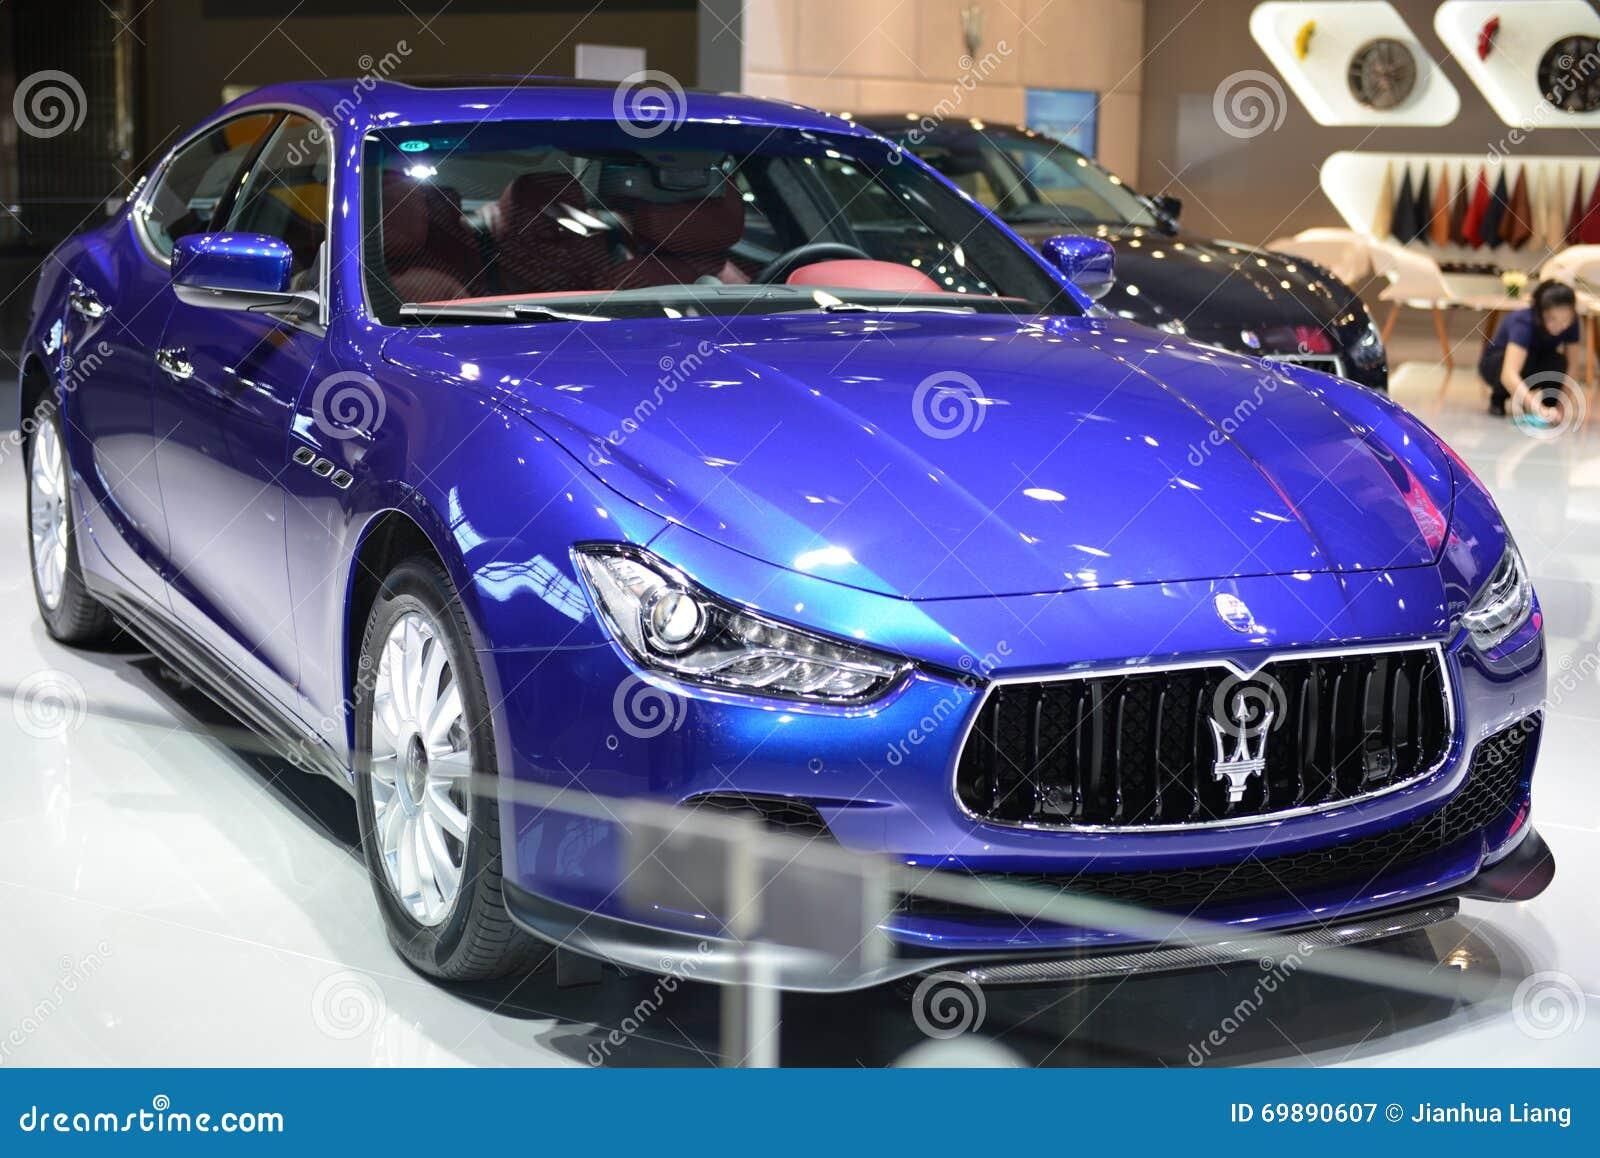 Ghibli D Exhibition : Maserati ghibli sportscar editorial photography image of ghibli